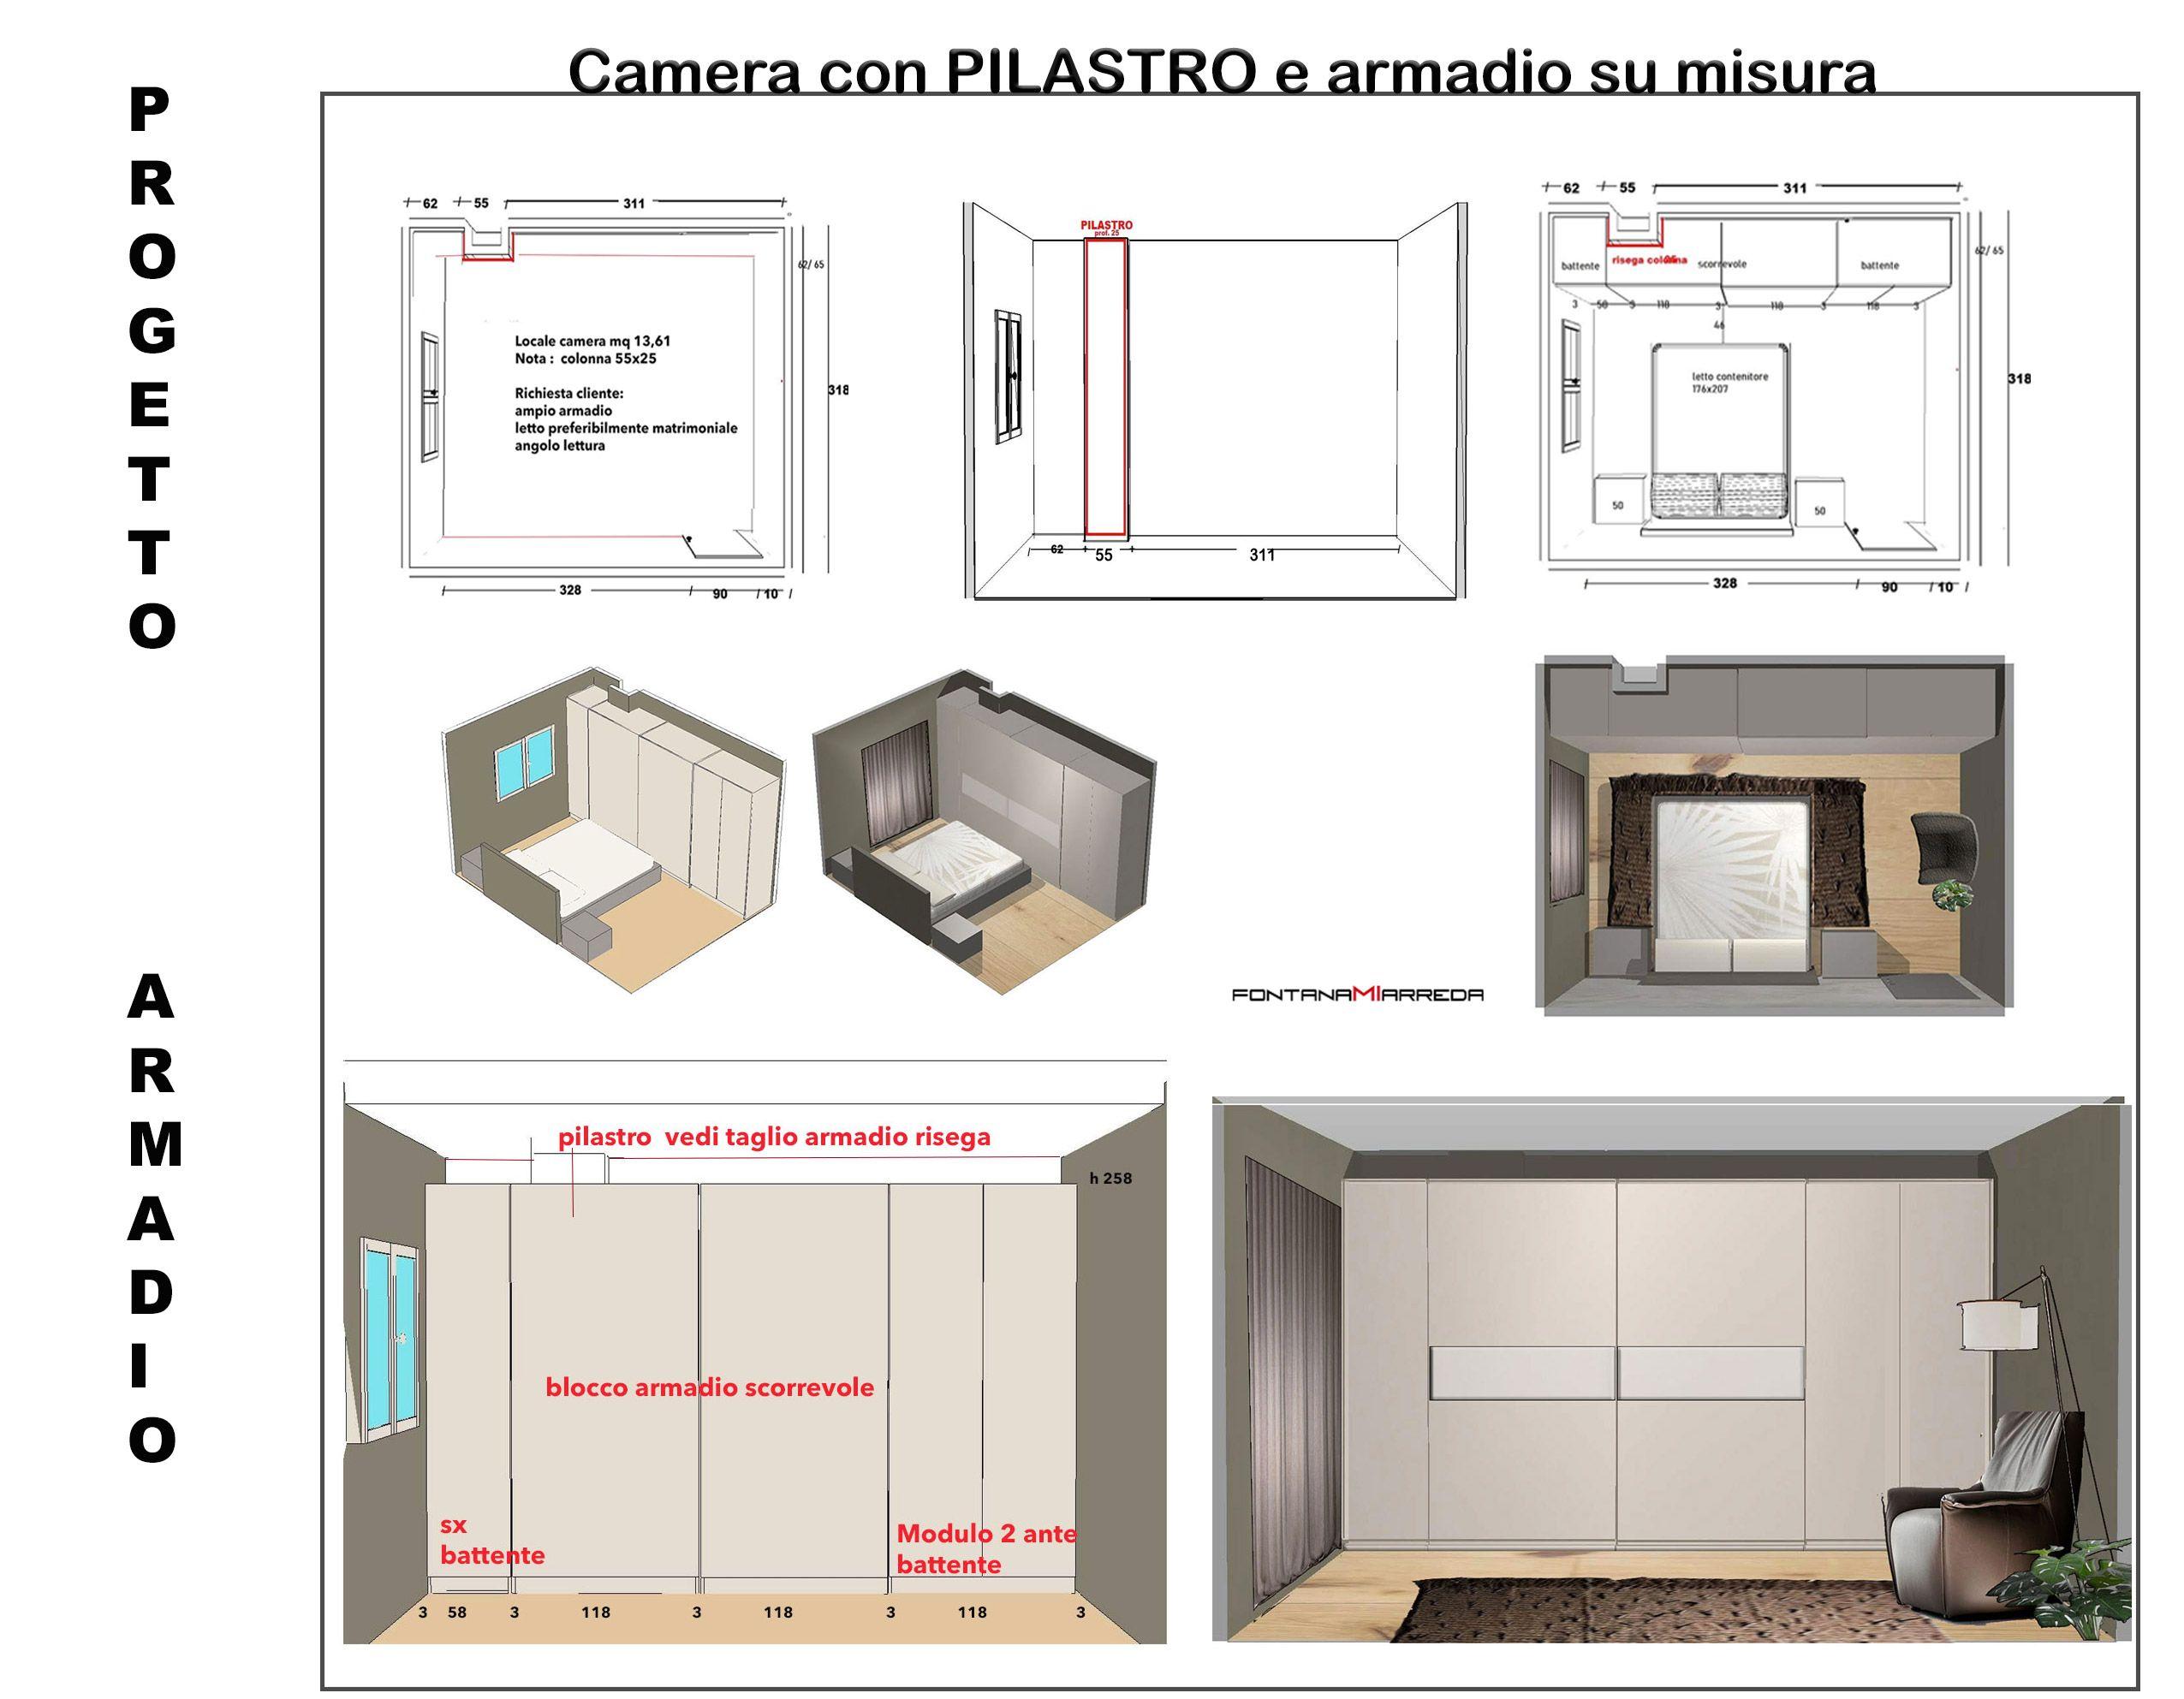 armadio su misura per camera da letto con pilastro Caso n ...